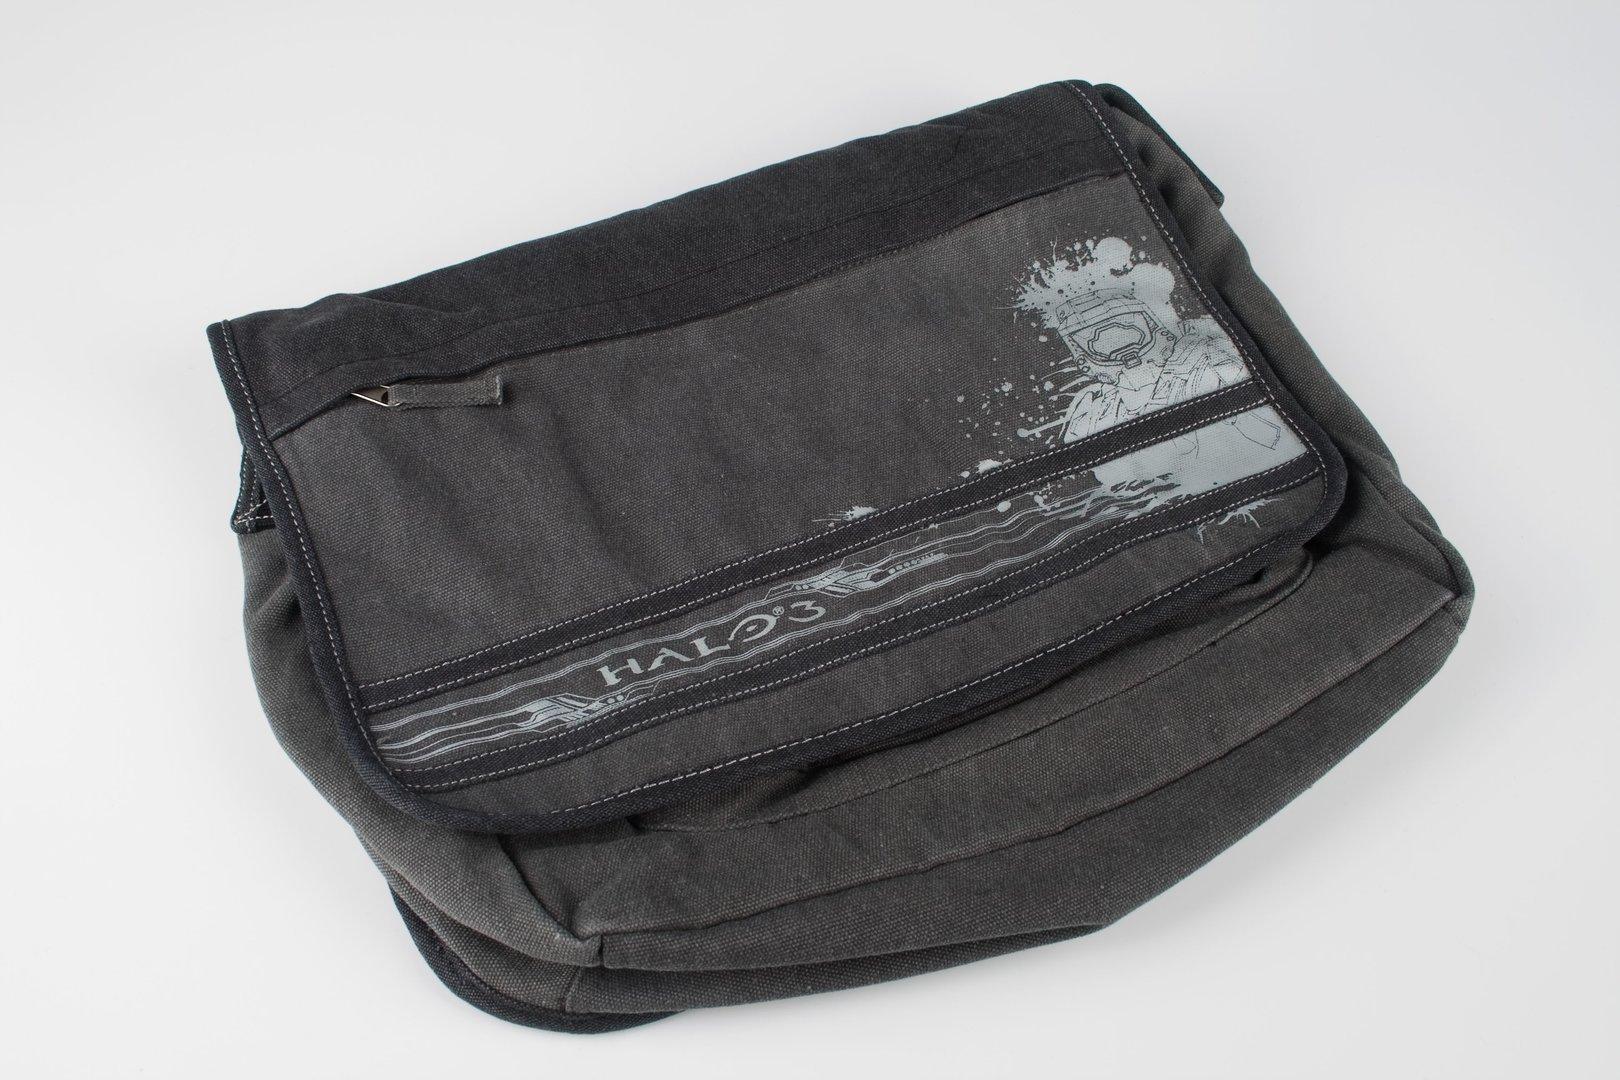 Halo 3 Tasche